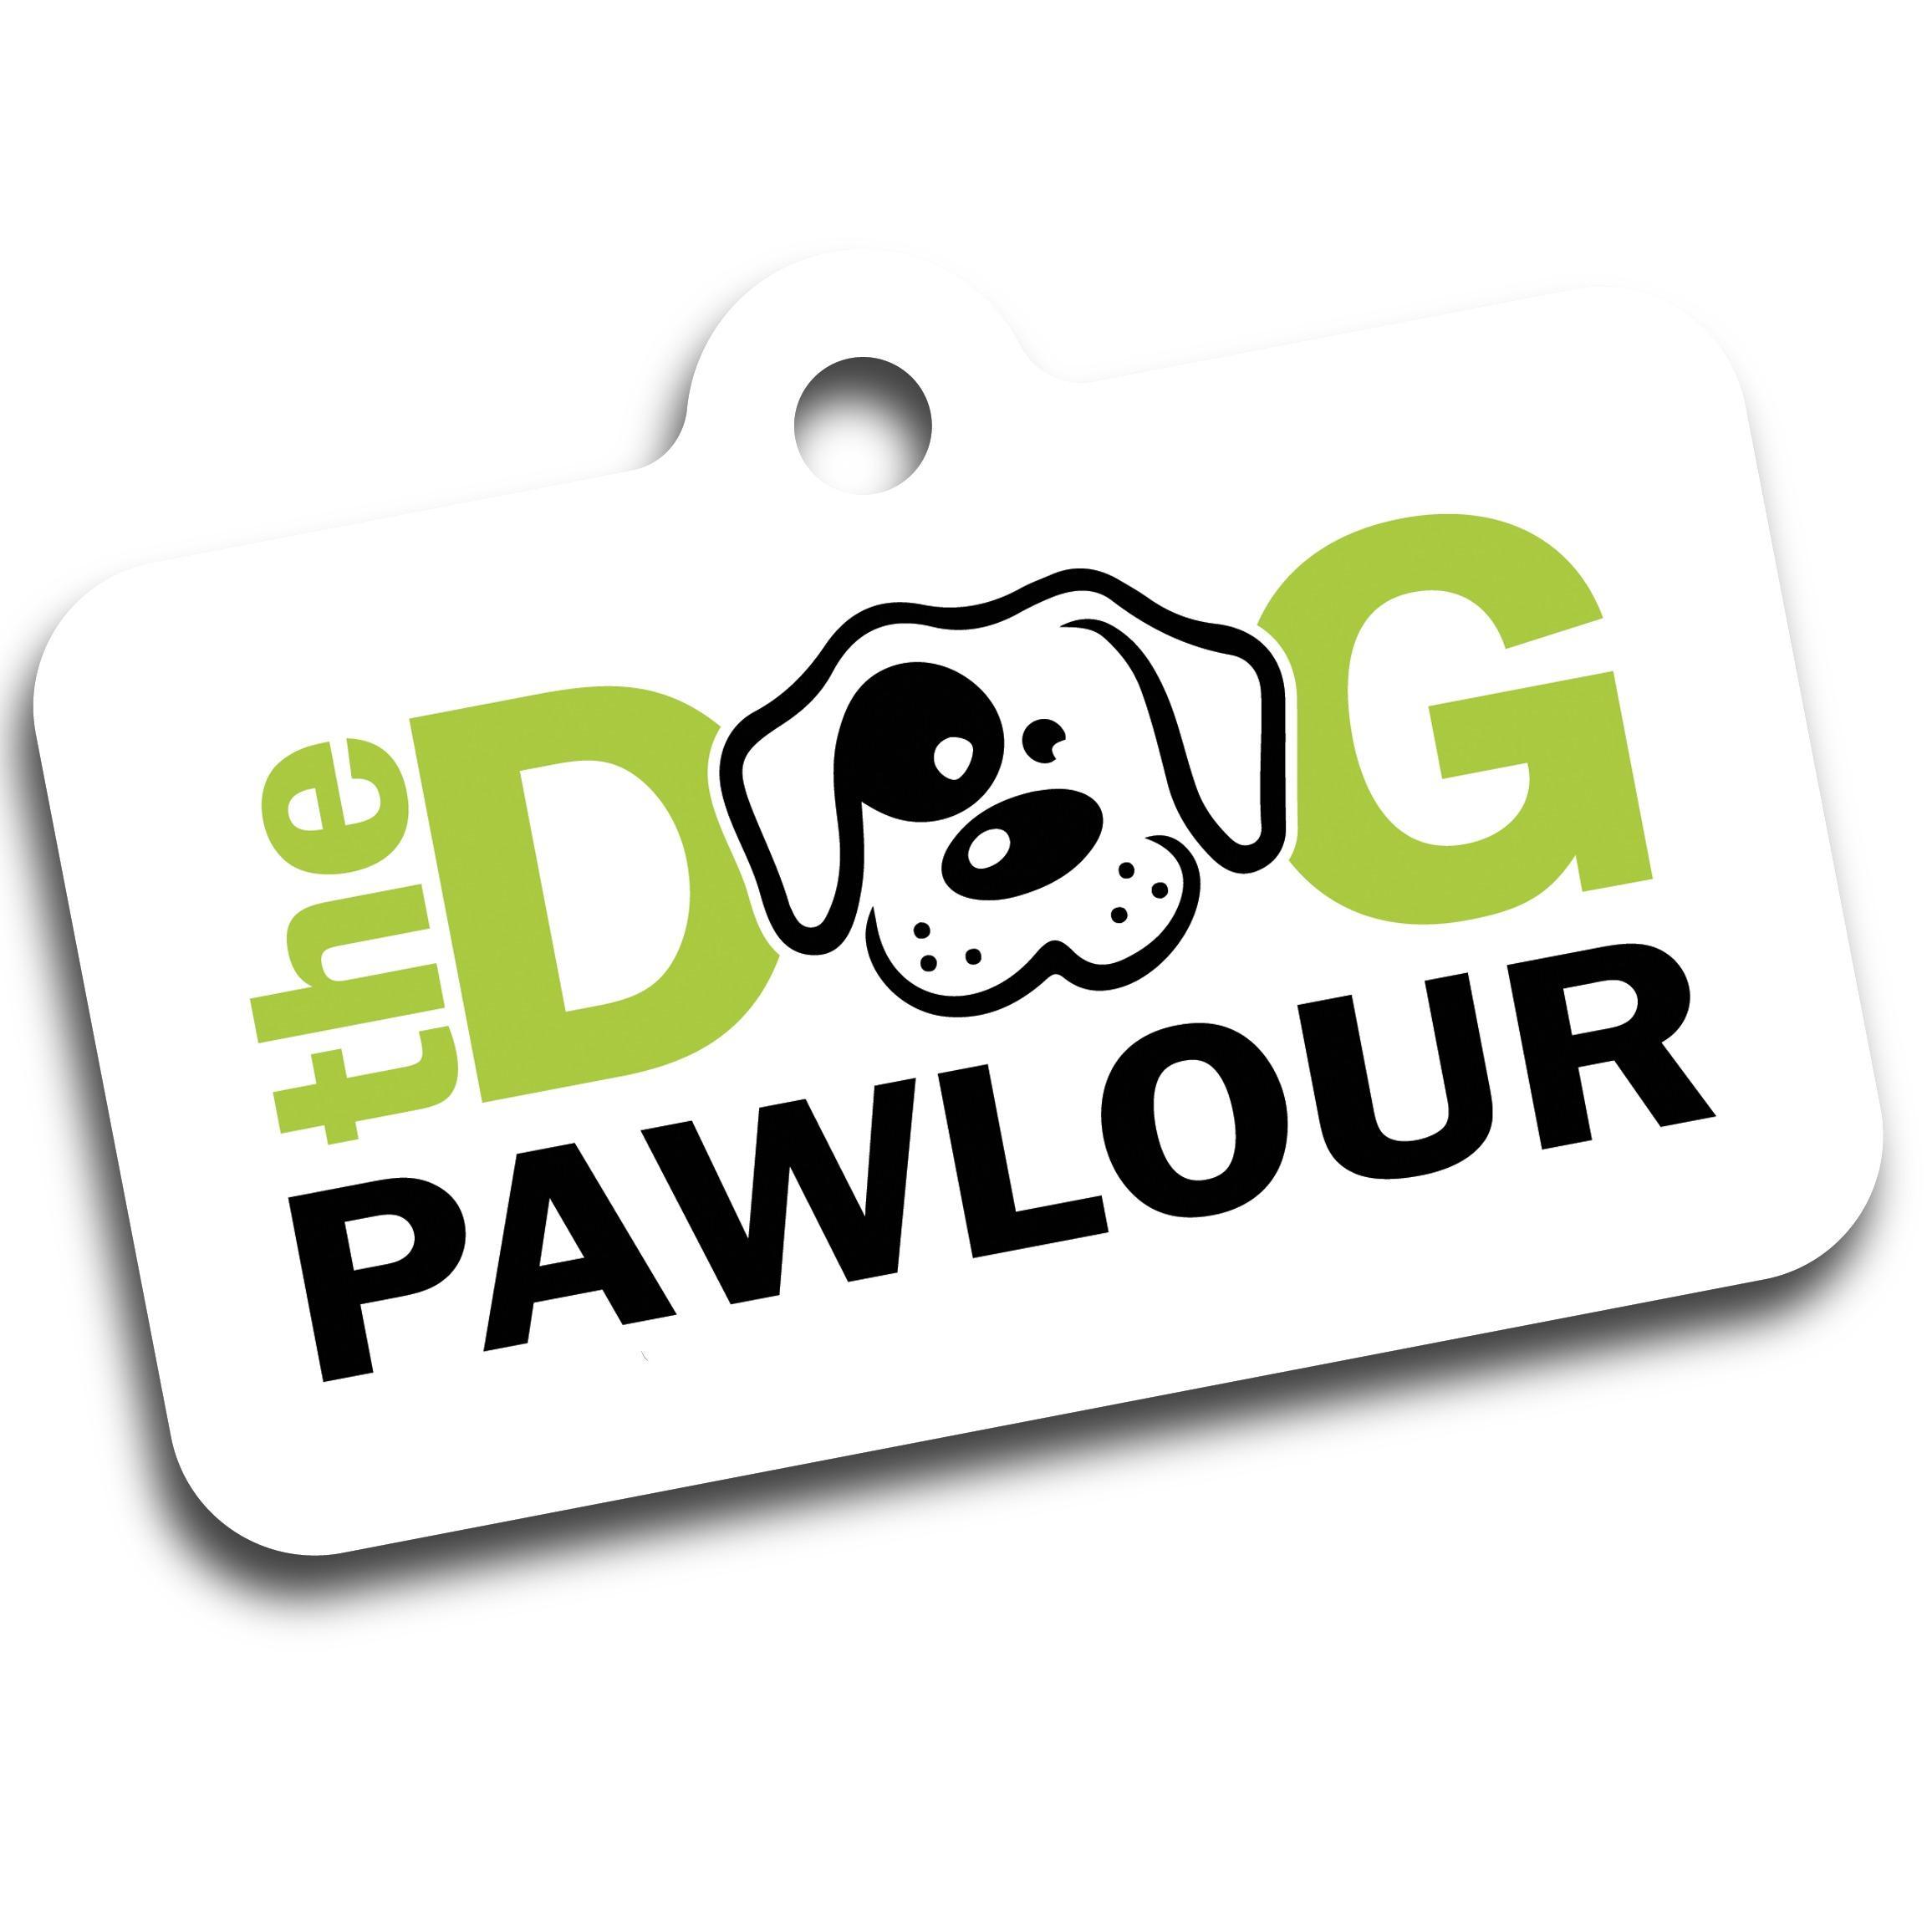 The Dog Pawlour